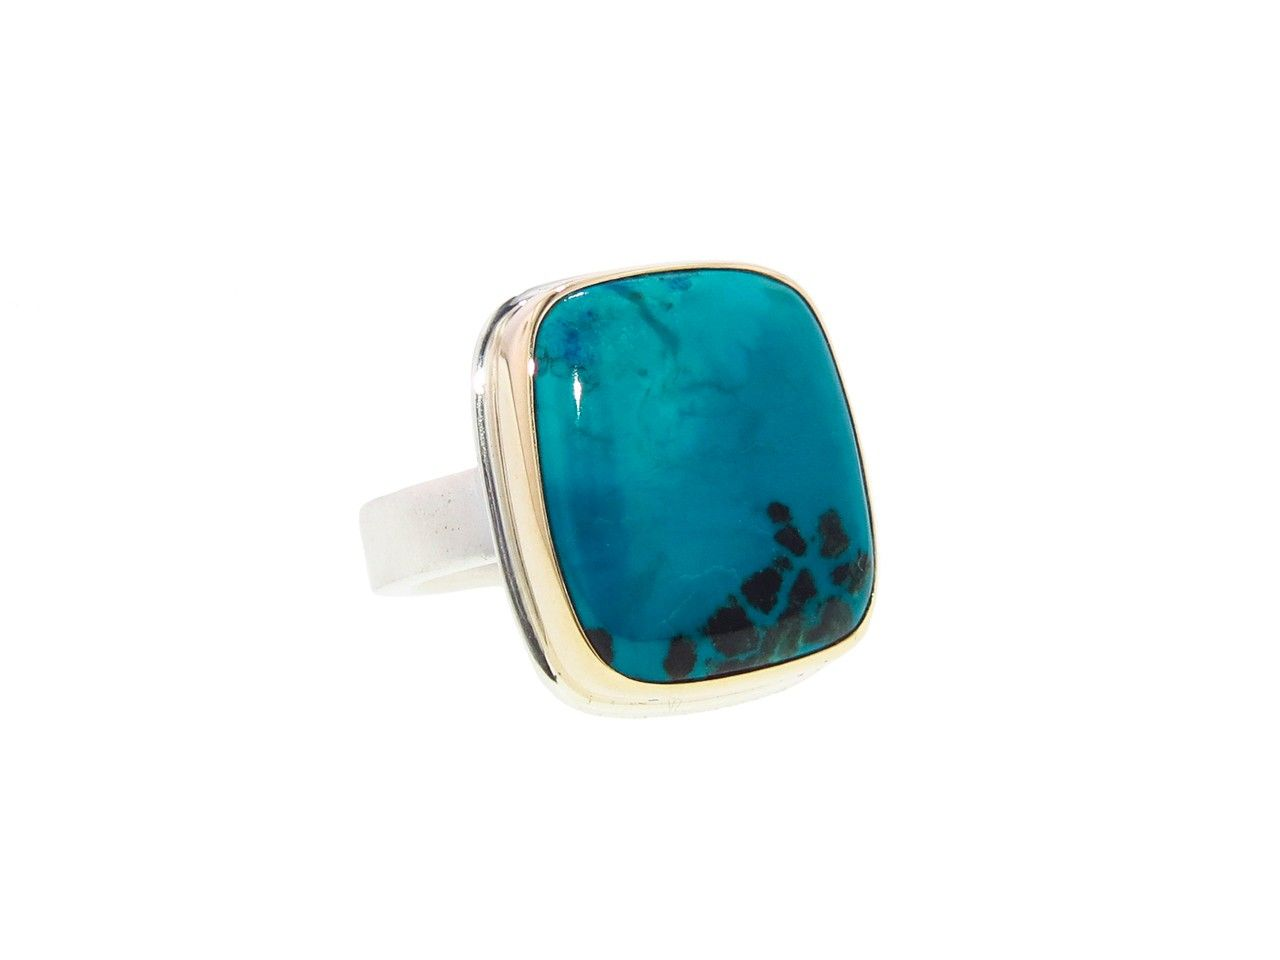 Square Chrysocolla Ring  by Jamie Joseph, at Ylang | 23